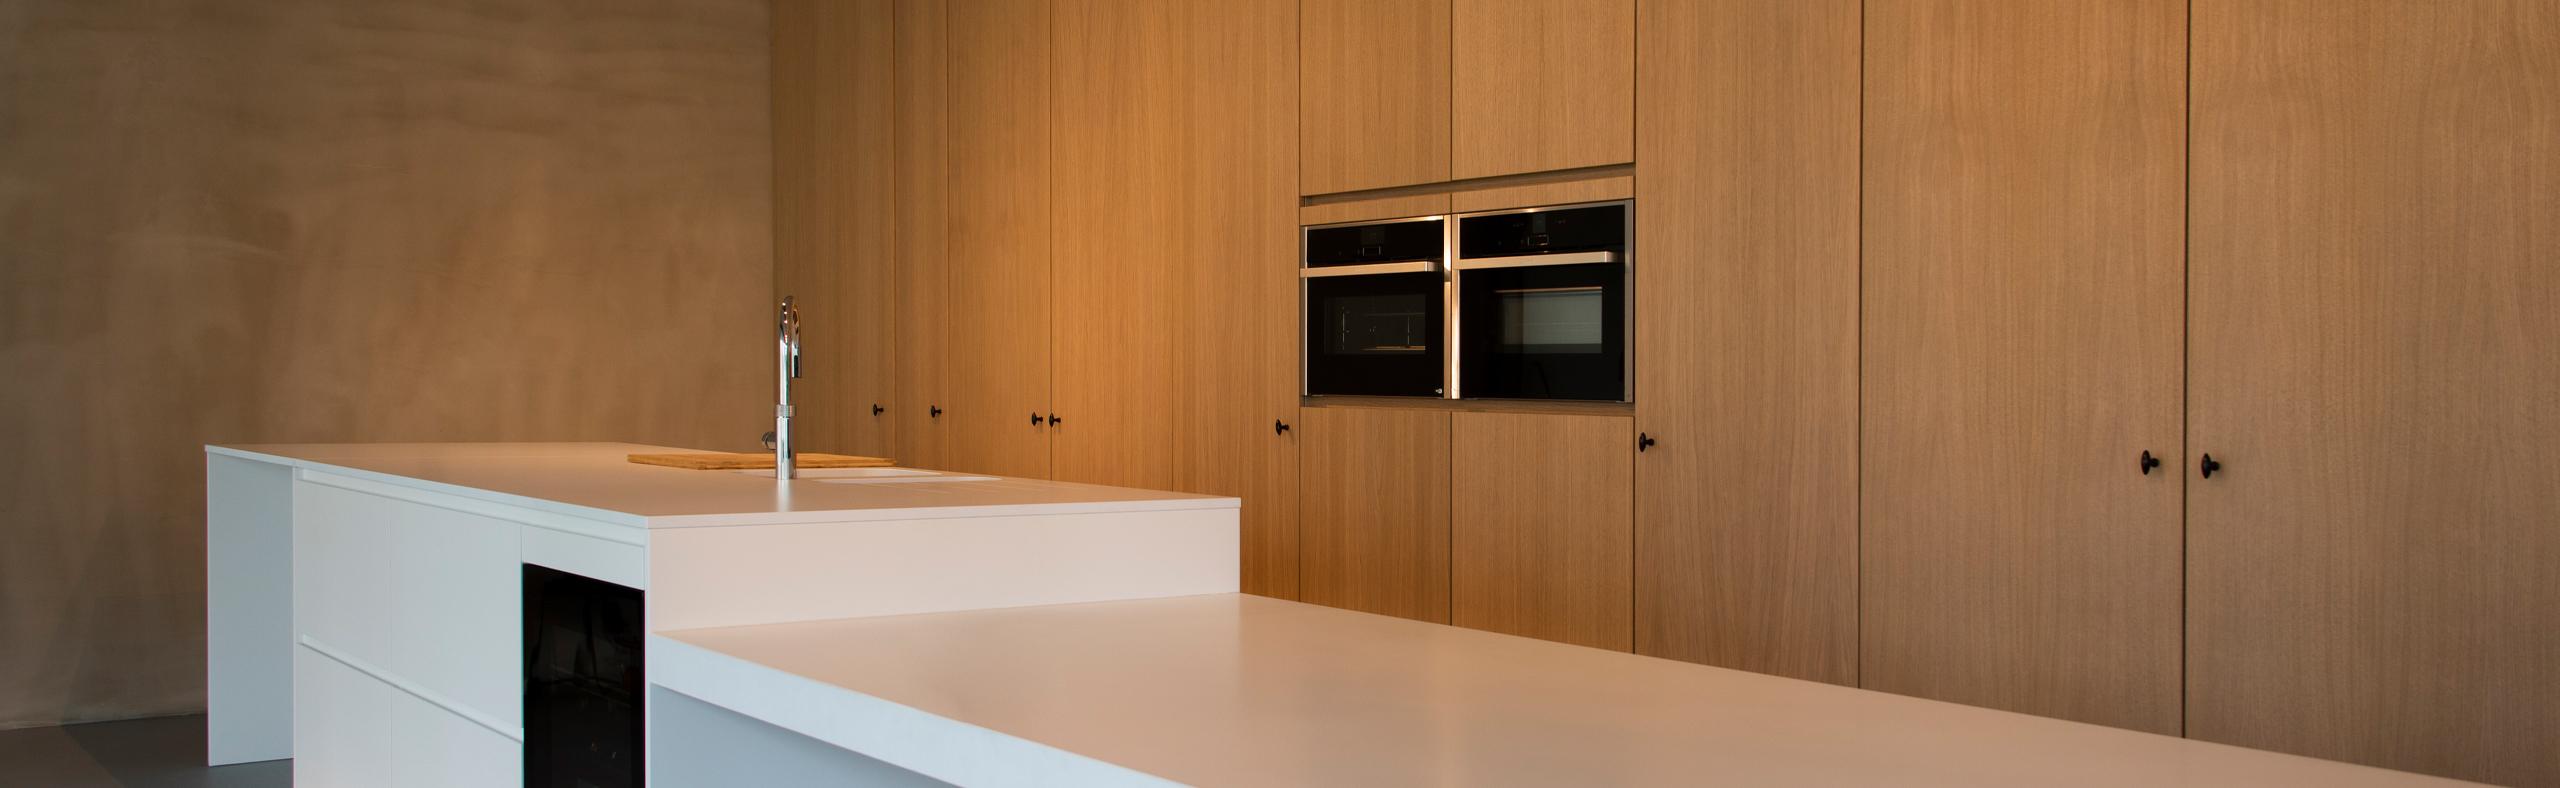 keukens-hoofdpagina-foto